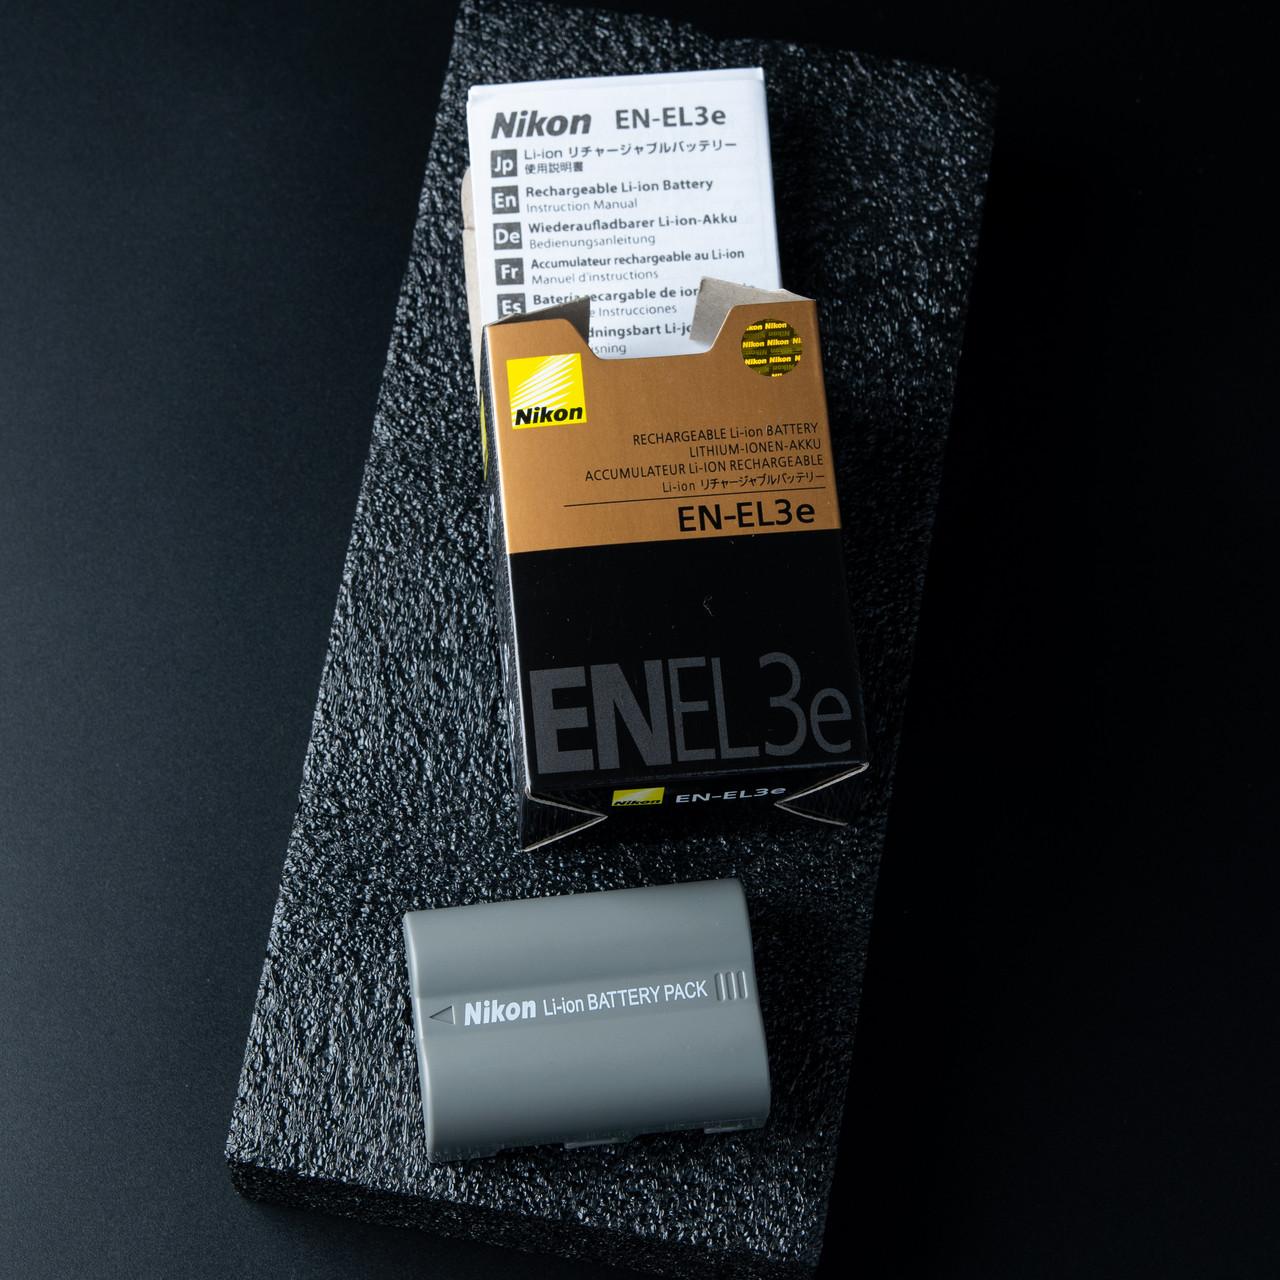 Аккумулятор батарея EN-EL3e Nikon D700 D300S D300 D200 D70 D90 D70S D50 D80